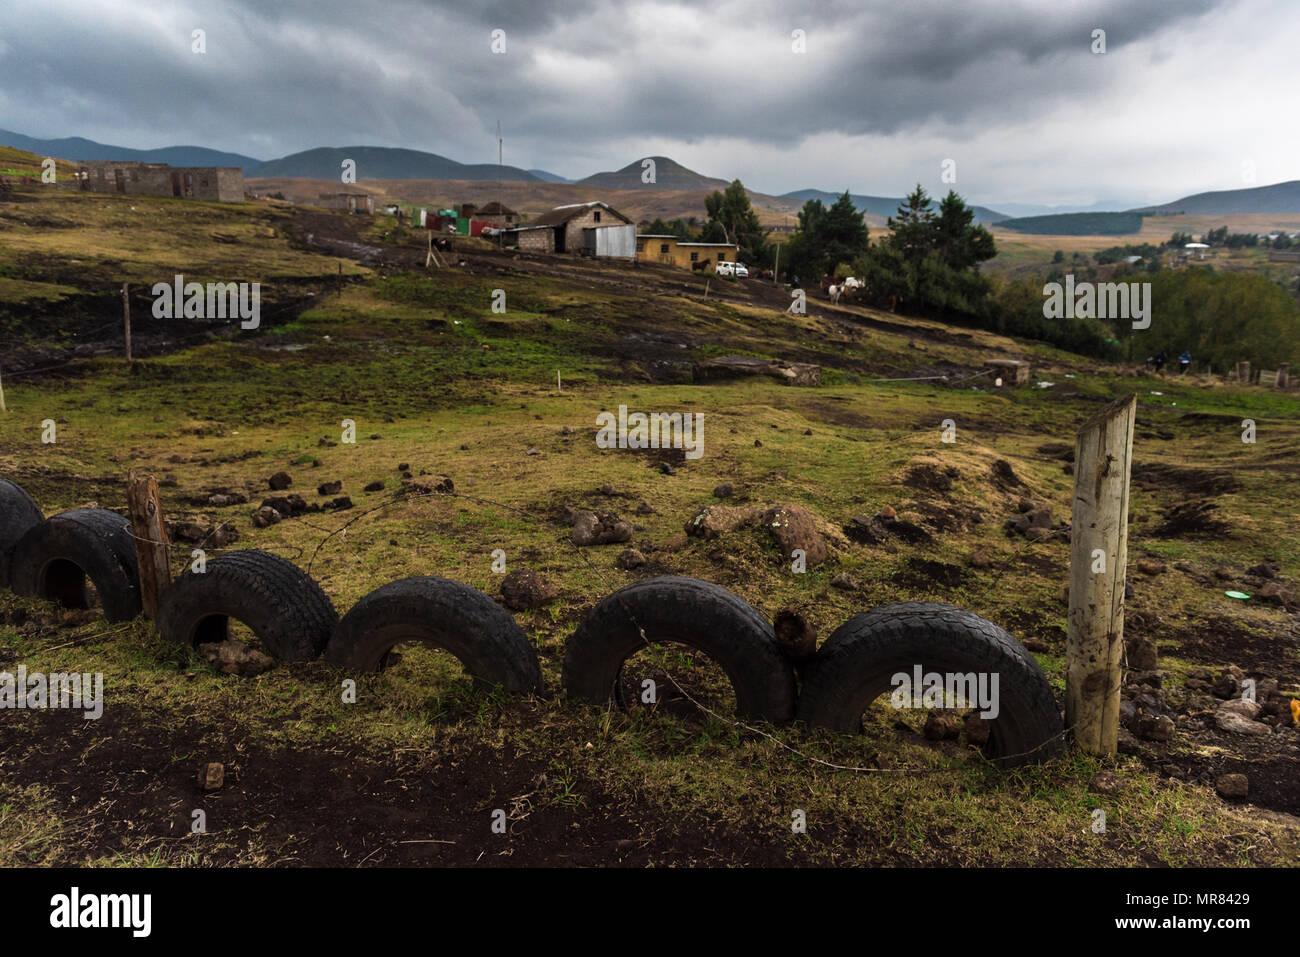 A homestead near Semonkong, Lesotho - Stock Image